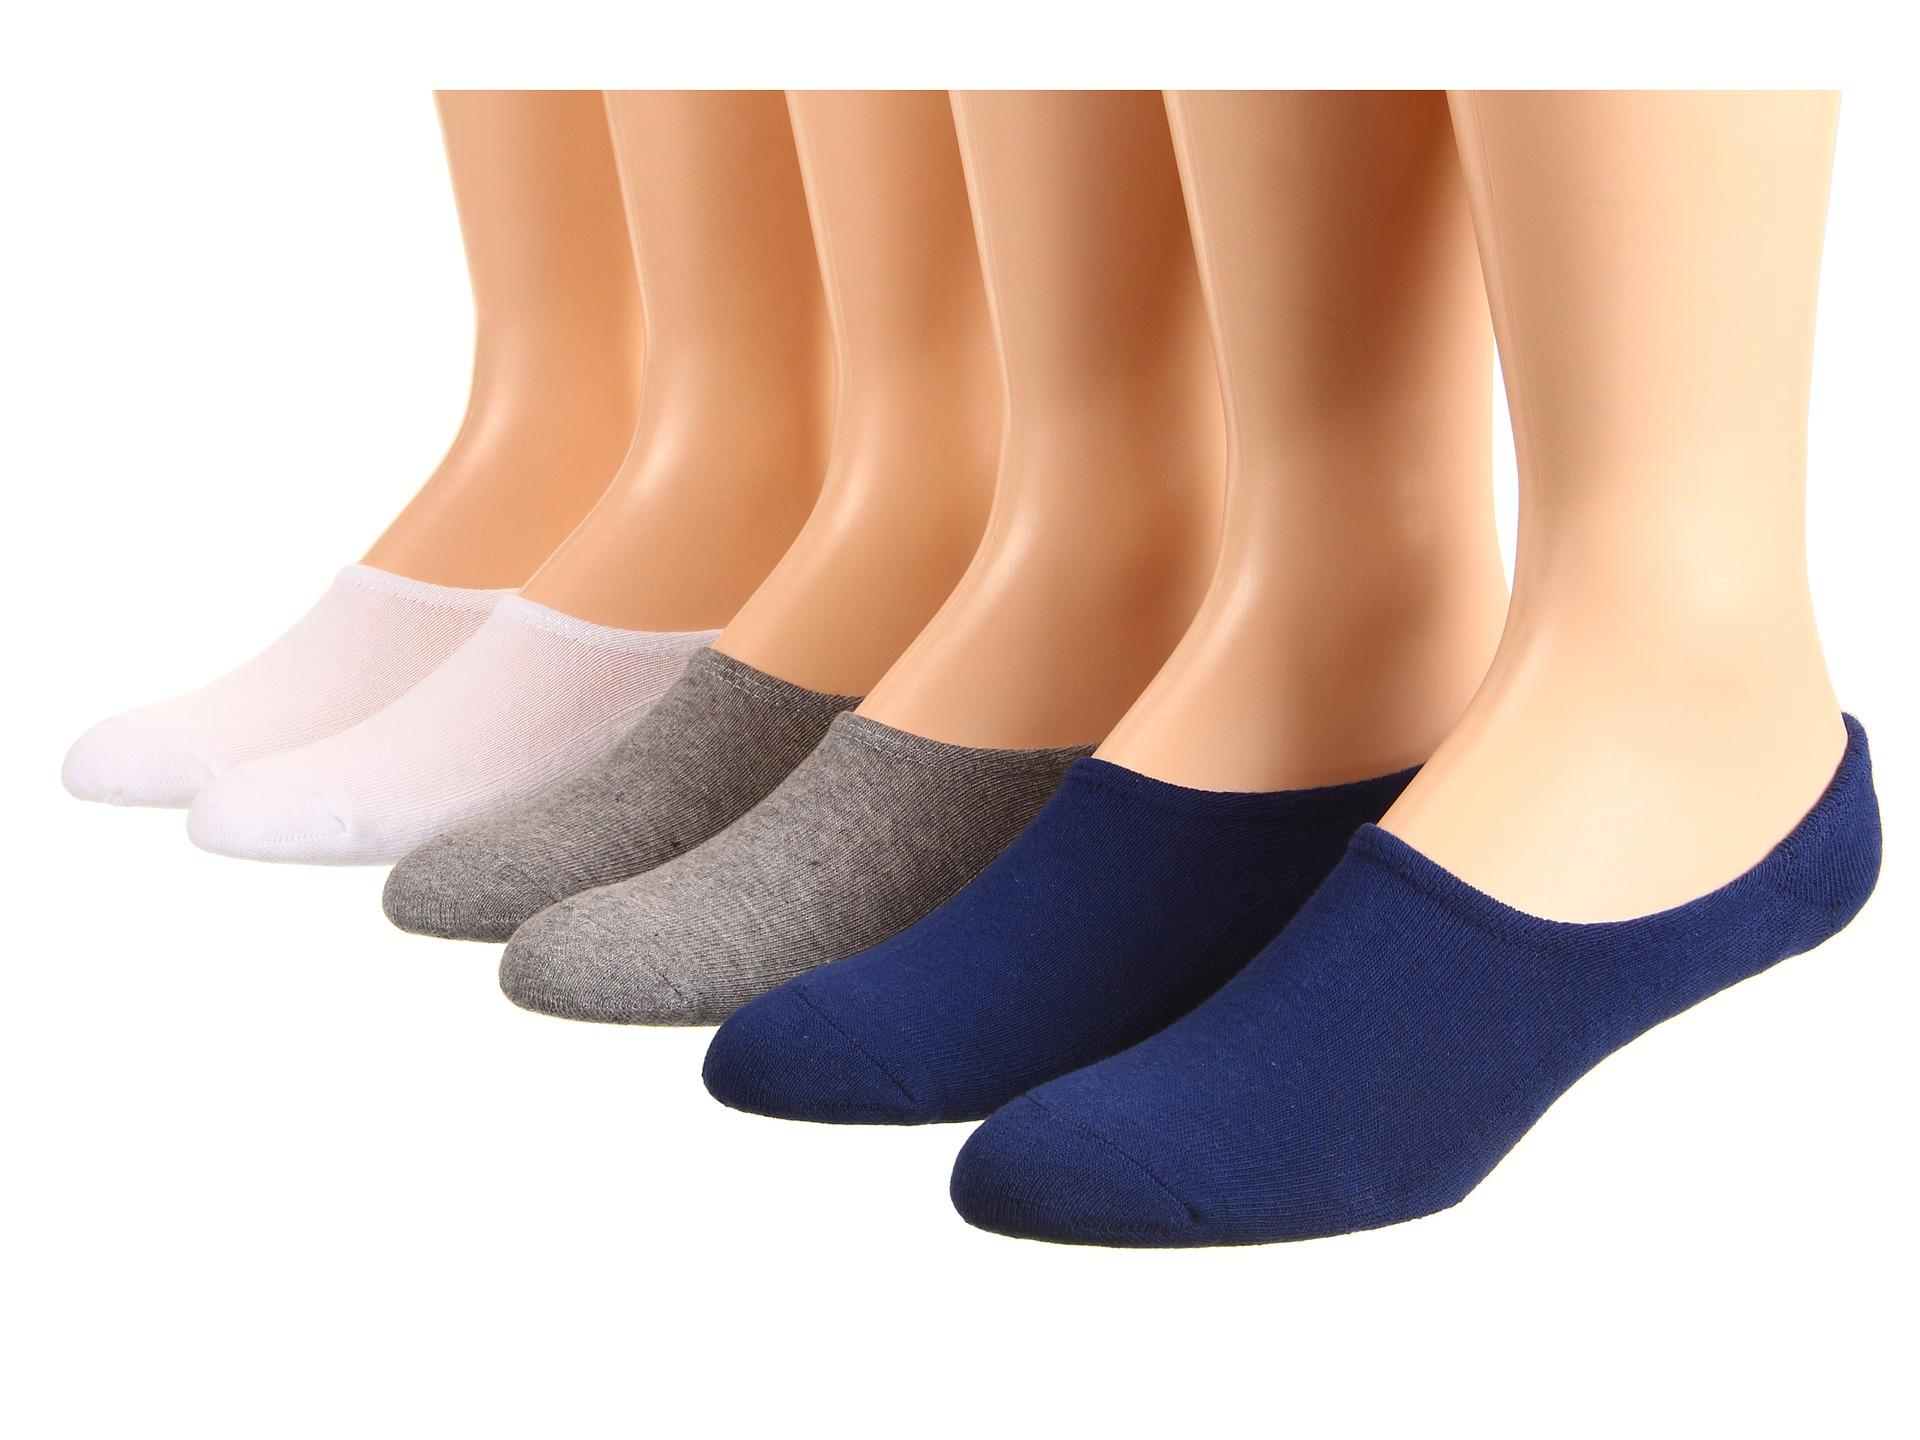 converse no show socks. converse socks no show -